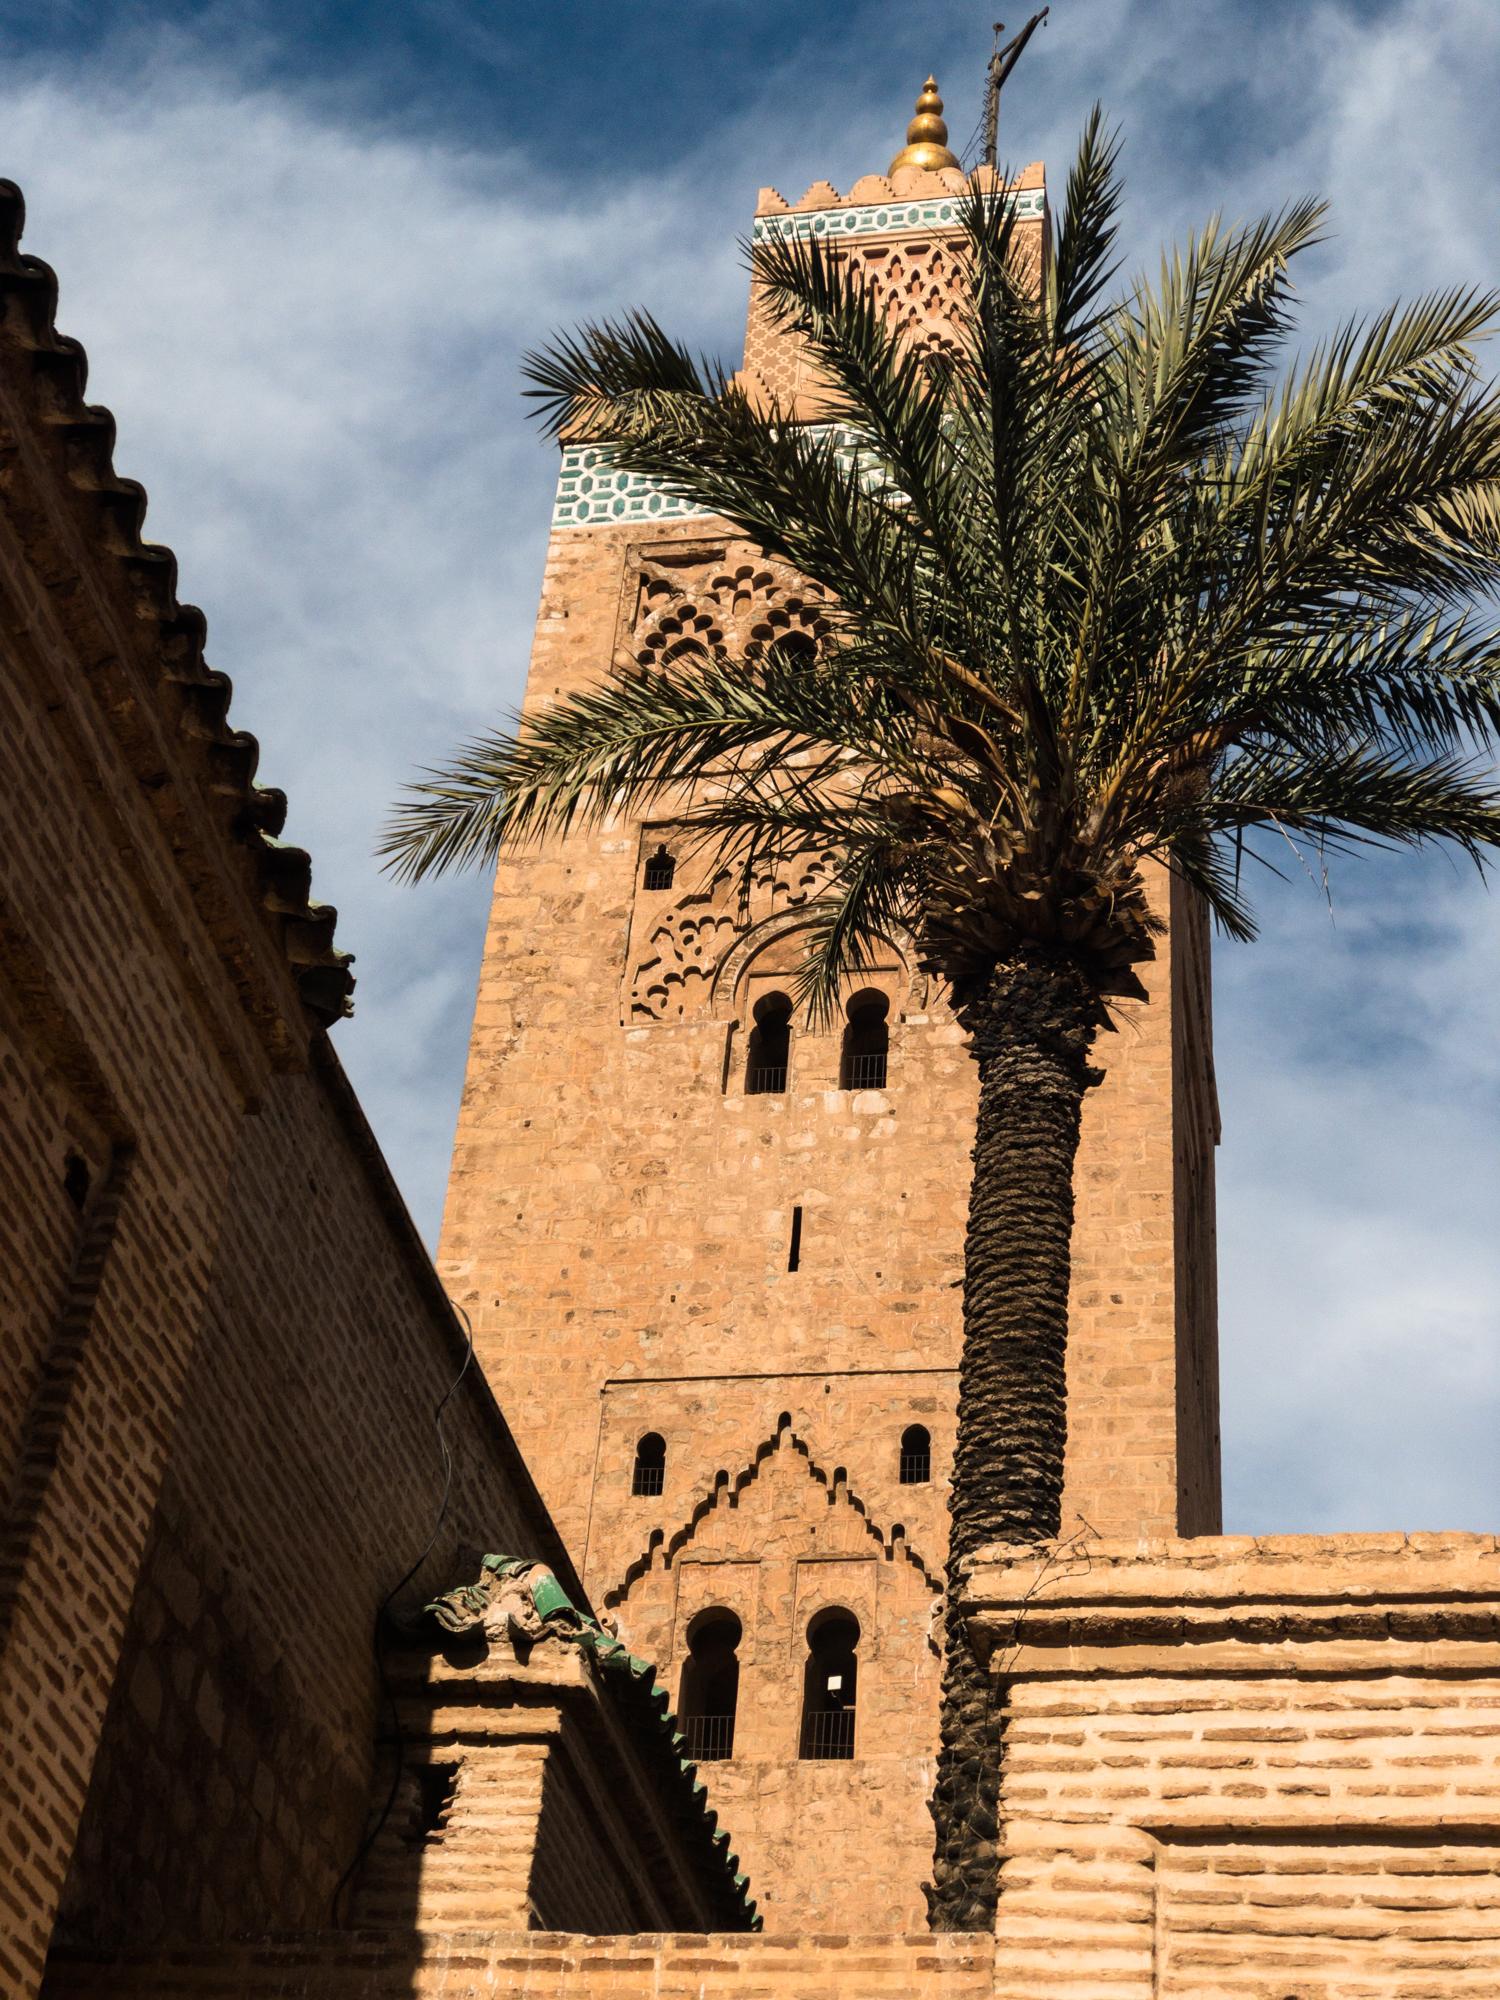 Marrakech_iPhone8+_Photos - Blog_Photos-14.jpg